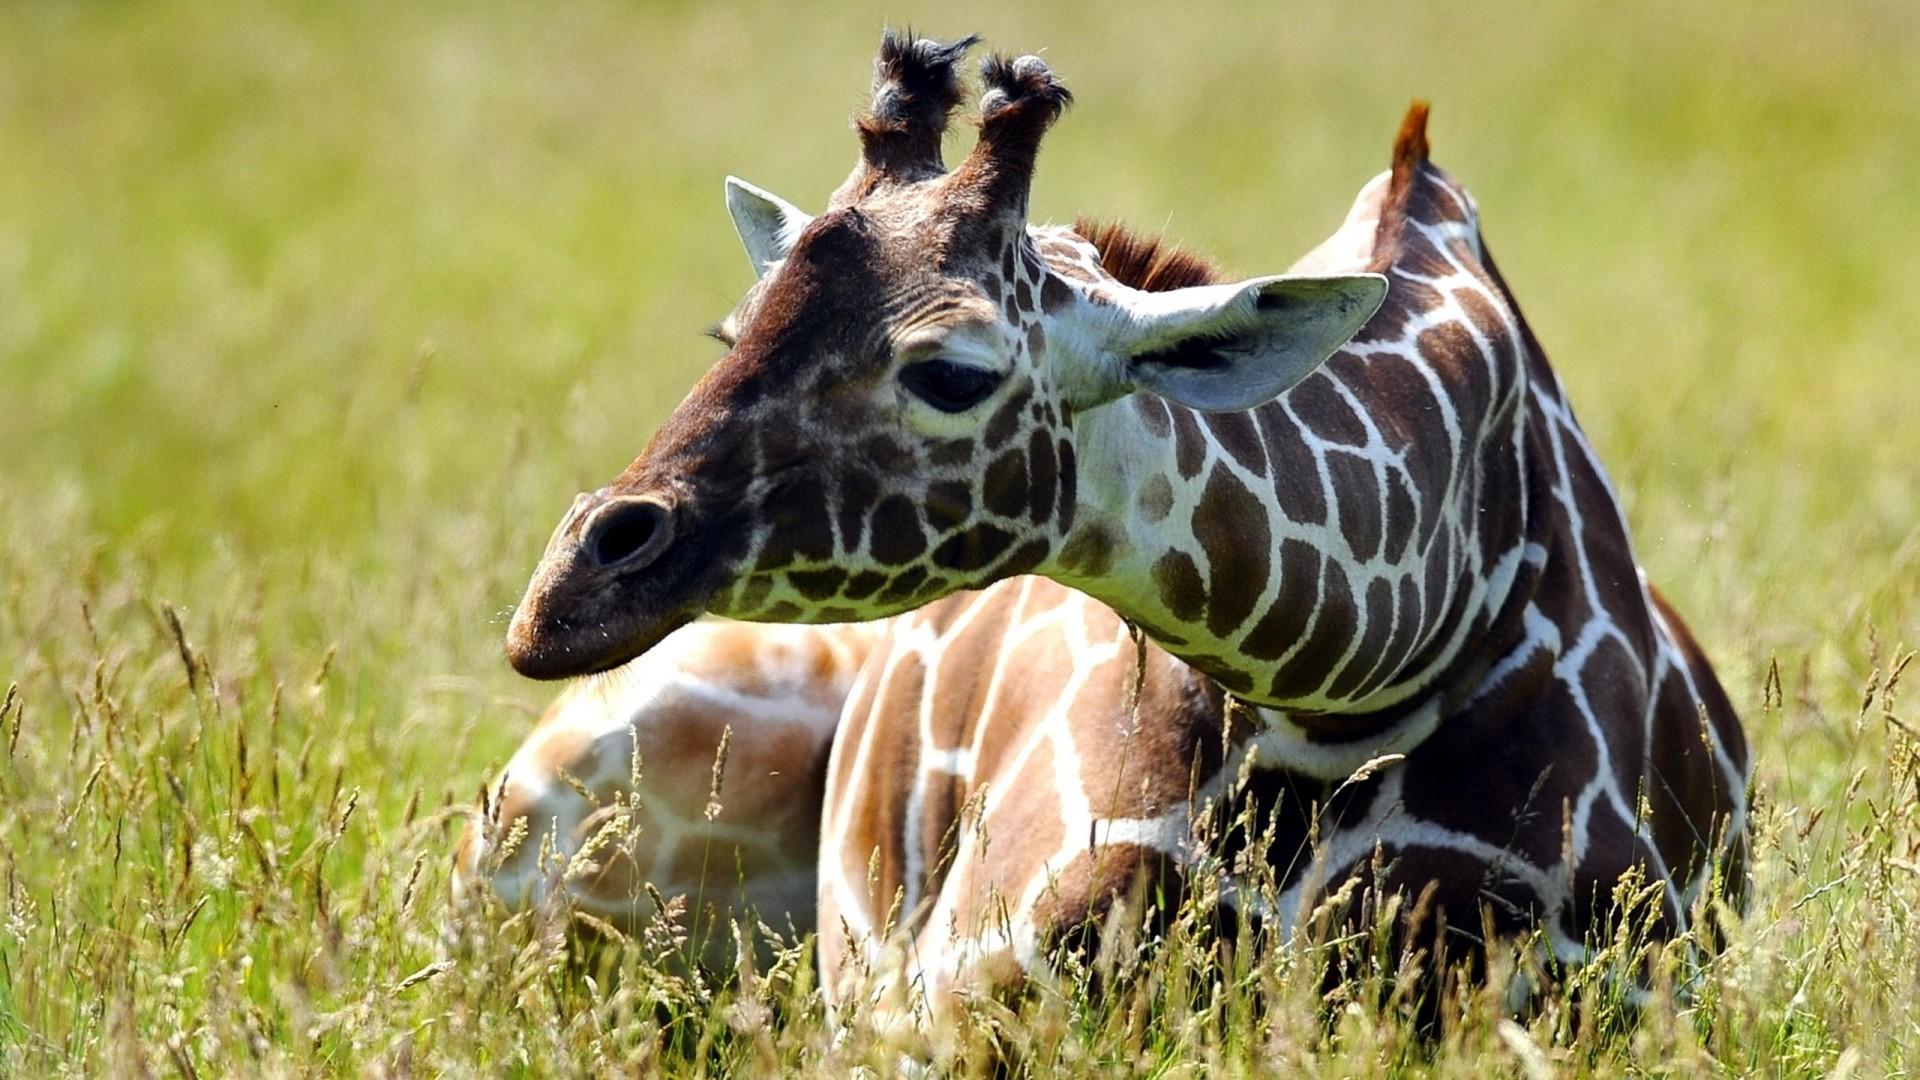 дикие милые животные фото сибирского хаски очаровательны